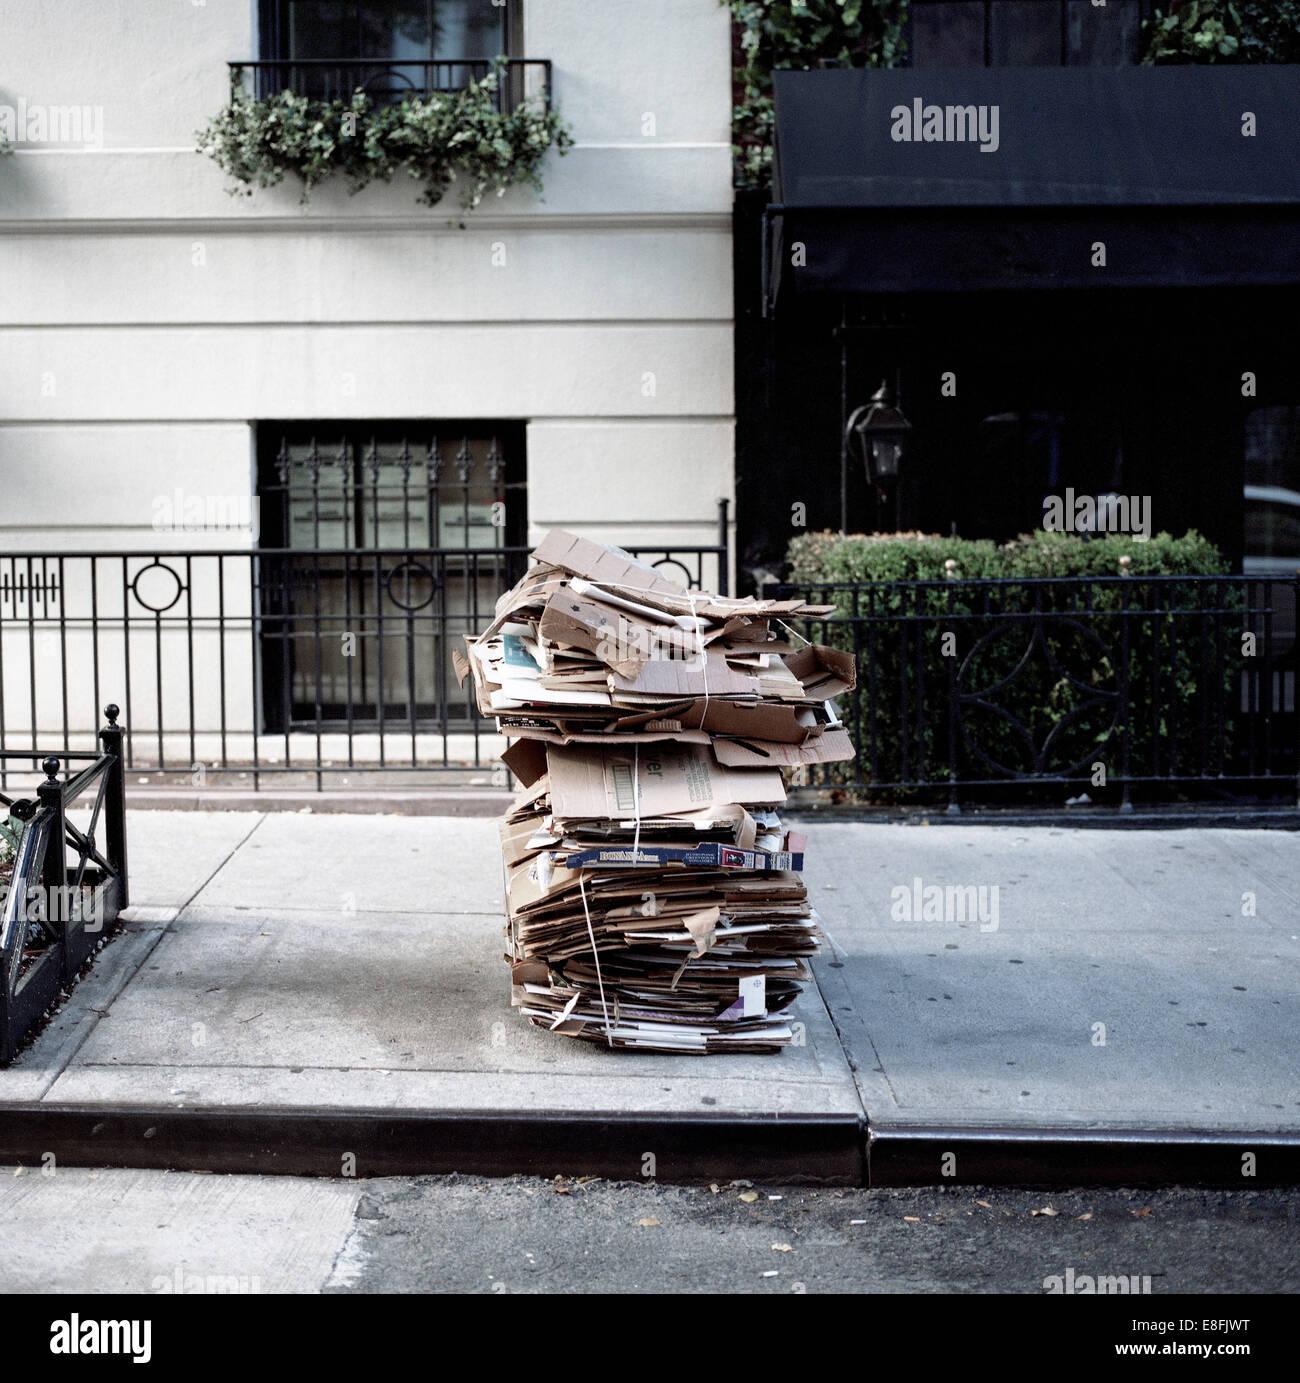 Cajas de cartón en la calle para el reciclado, Nueva York, Estados Unidos, EE.UU. Imagen De Stock